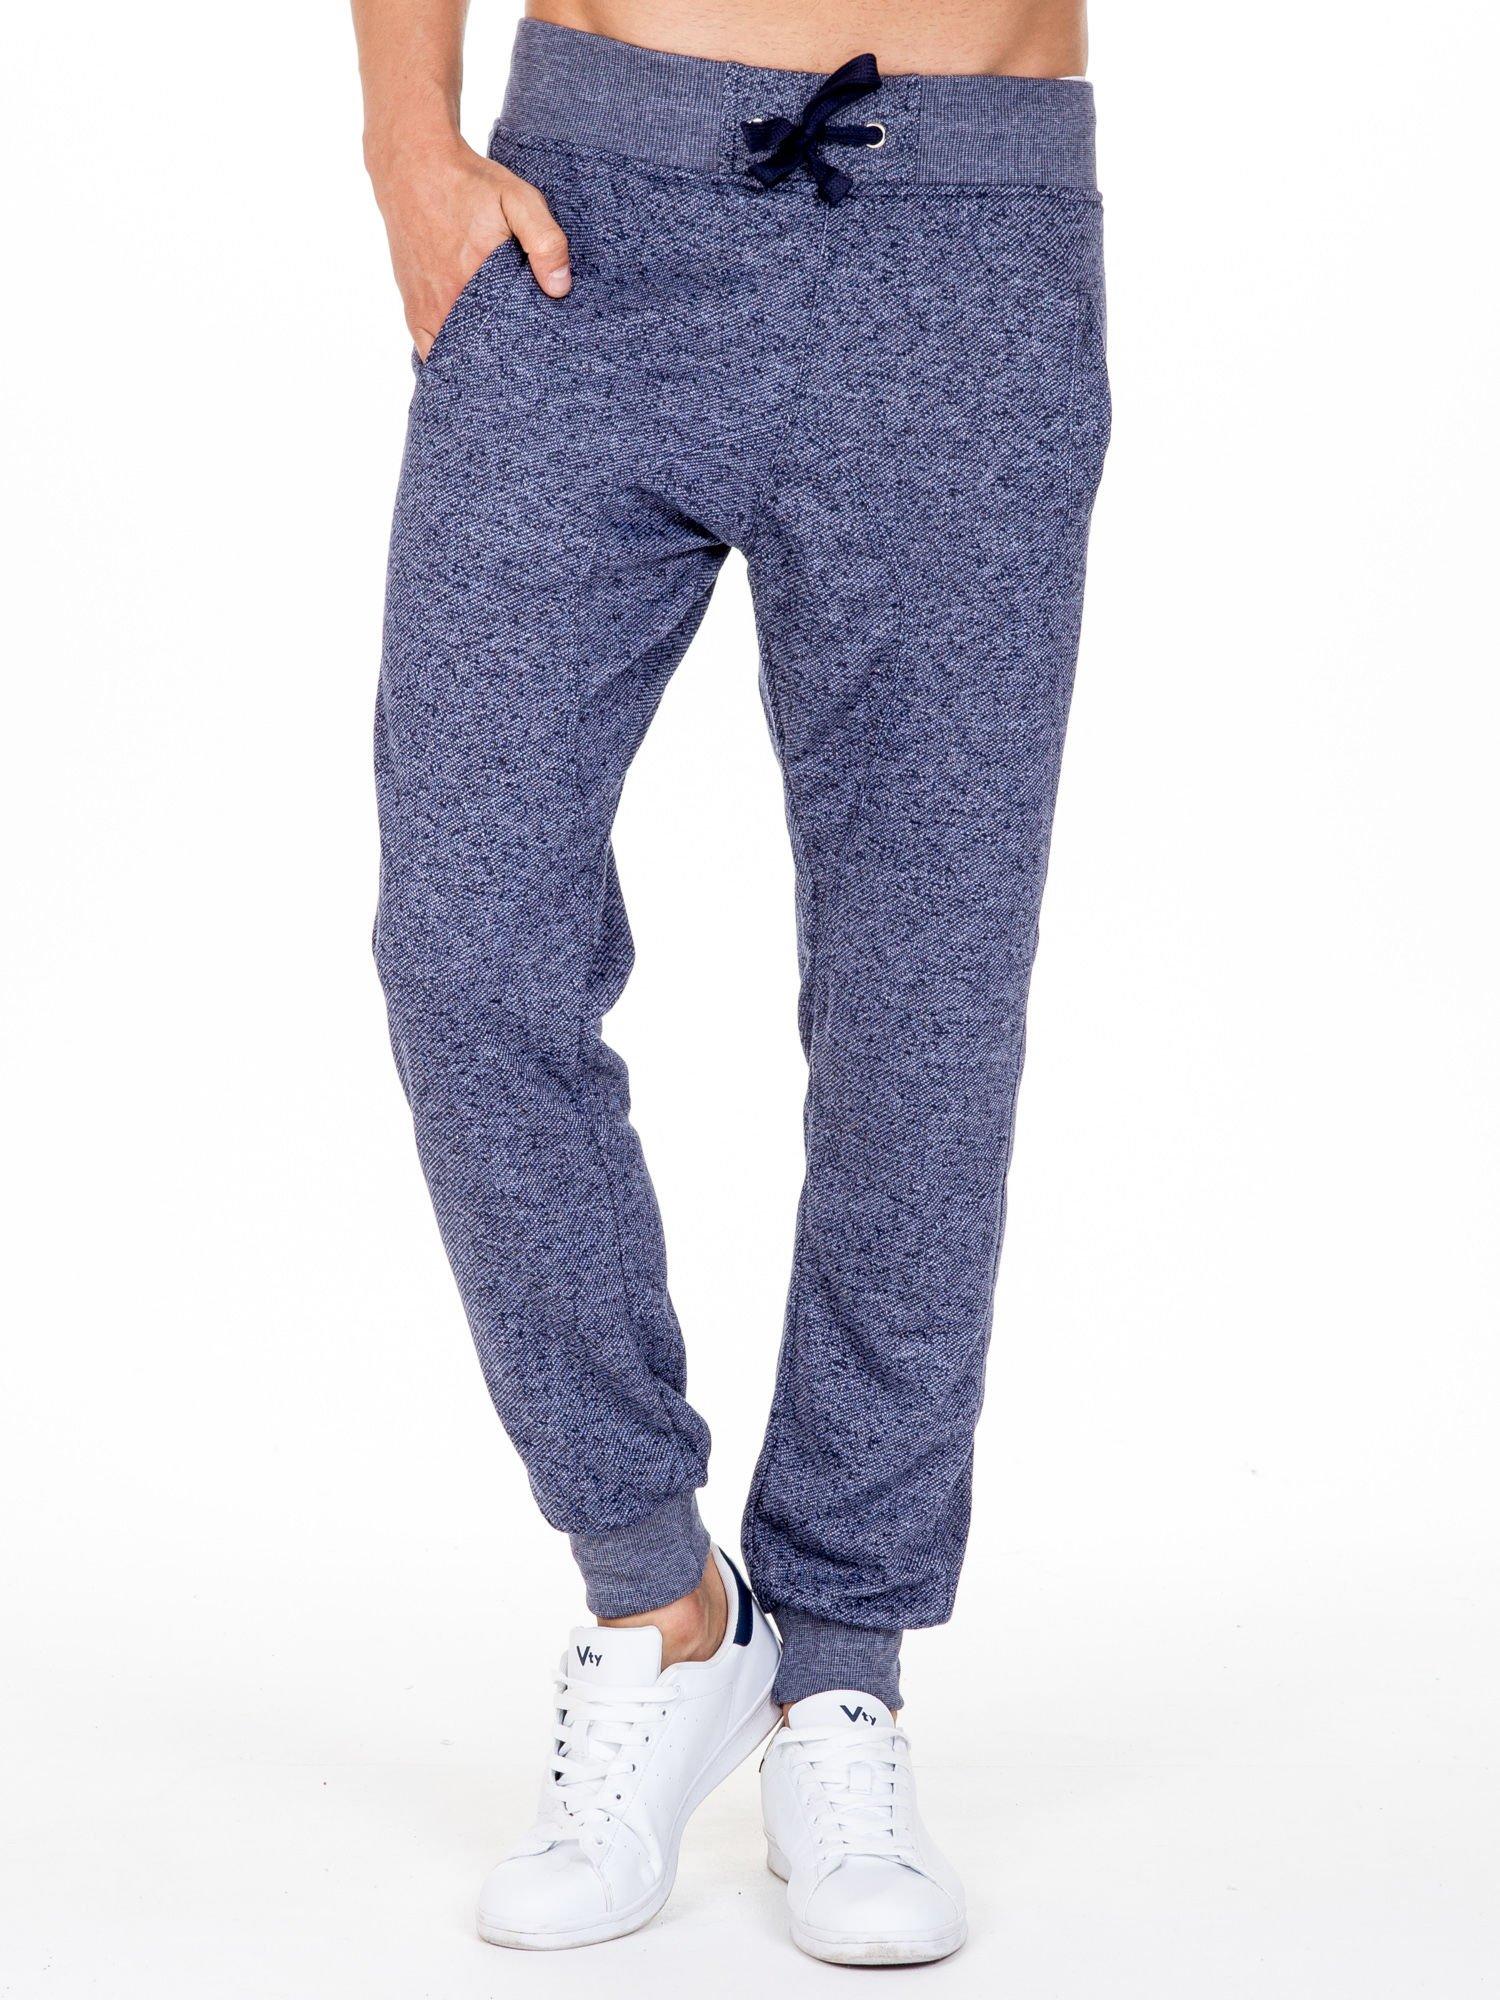 Granatowe melanżowe spodnie męskie z trokami i kieszeniami                                  zdj.                                  1